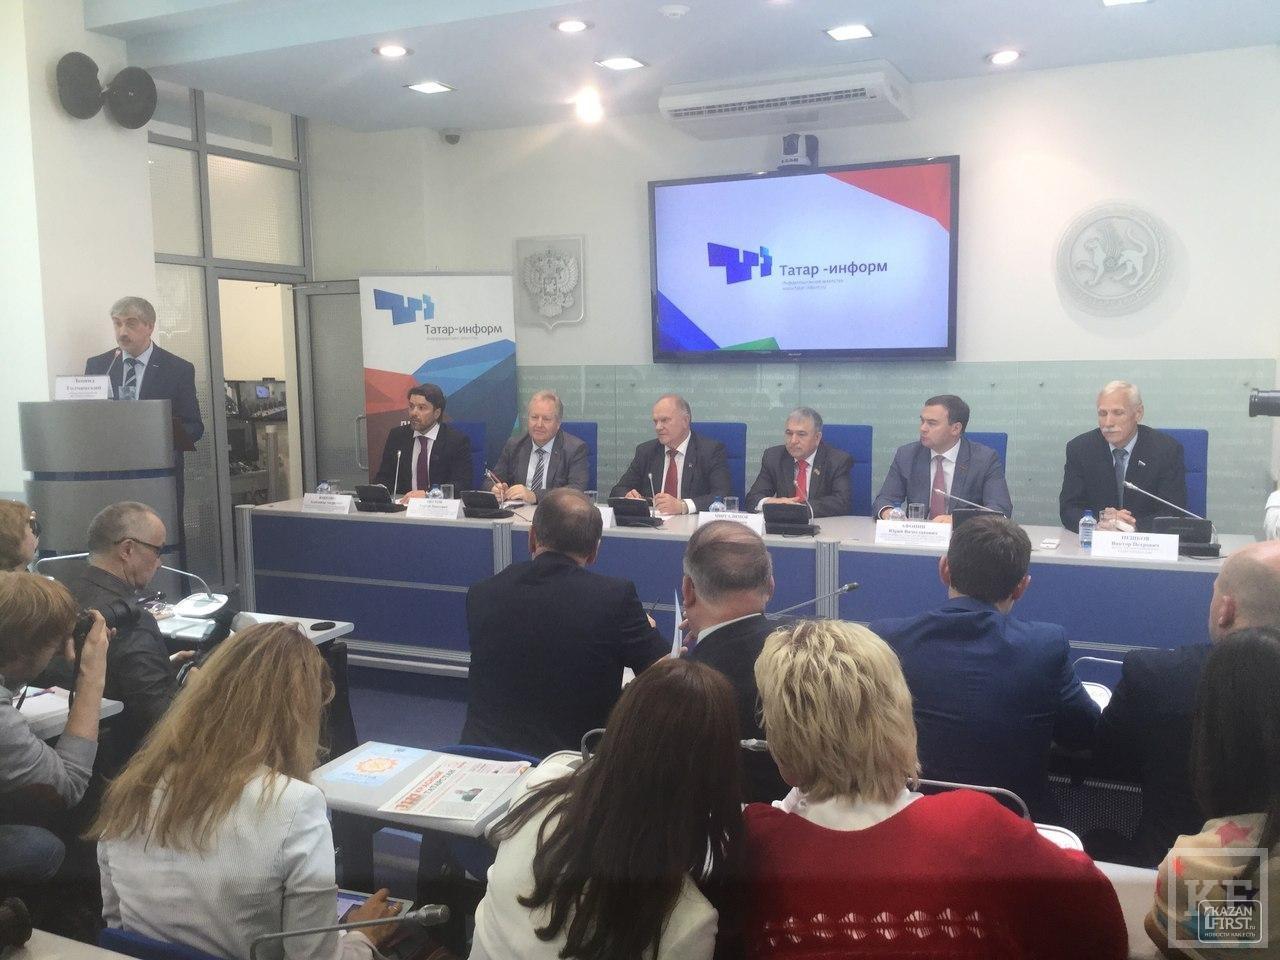 Геннадий Зюганов выдвинул Хафиза Миргалимова кандидатом в президенты Татарстана